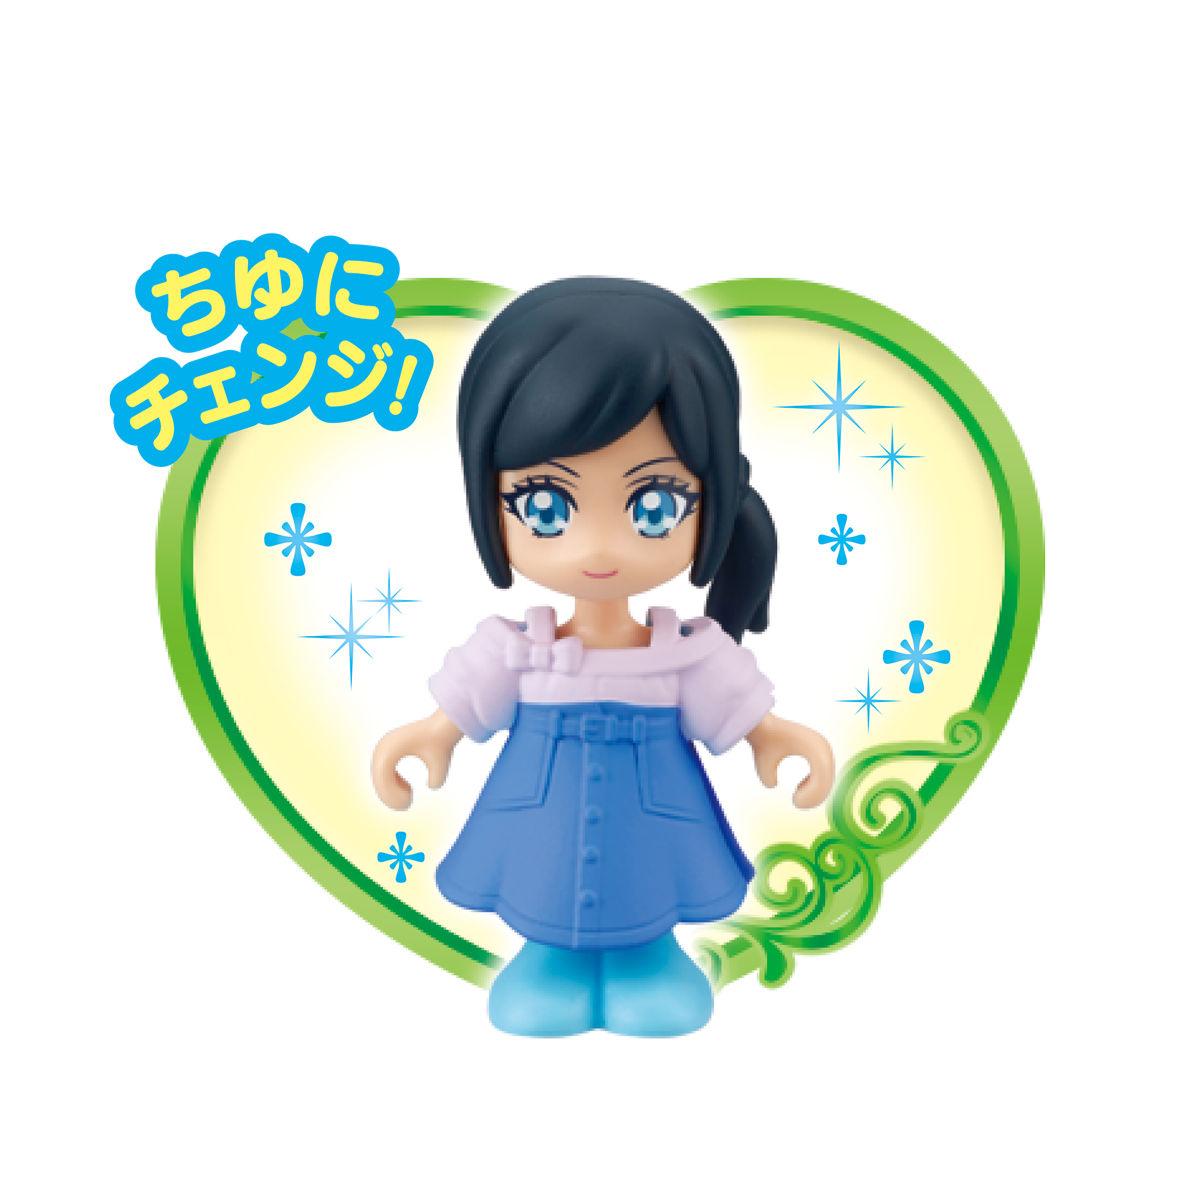 プリコーデドール『キュアグレース』ヒーリングっどプリキュア フィギュア-010